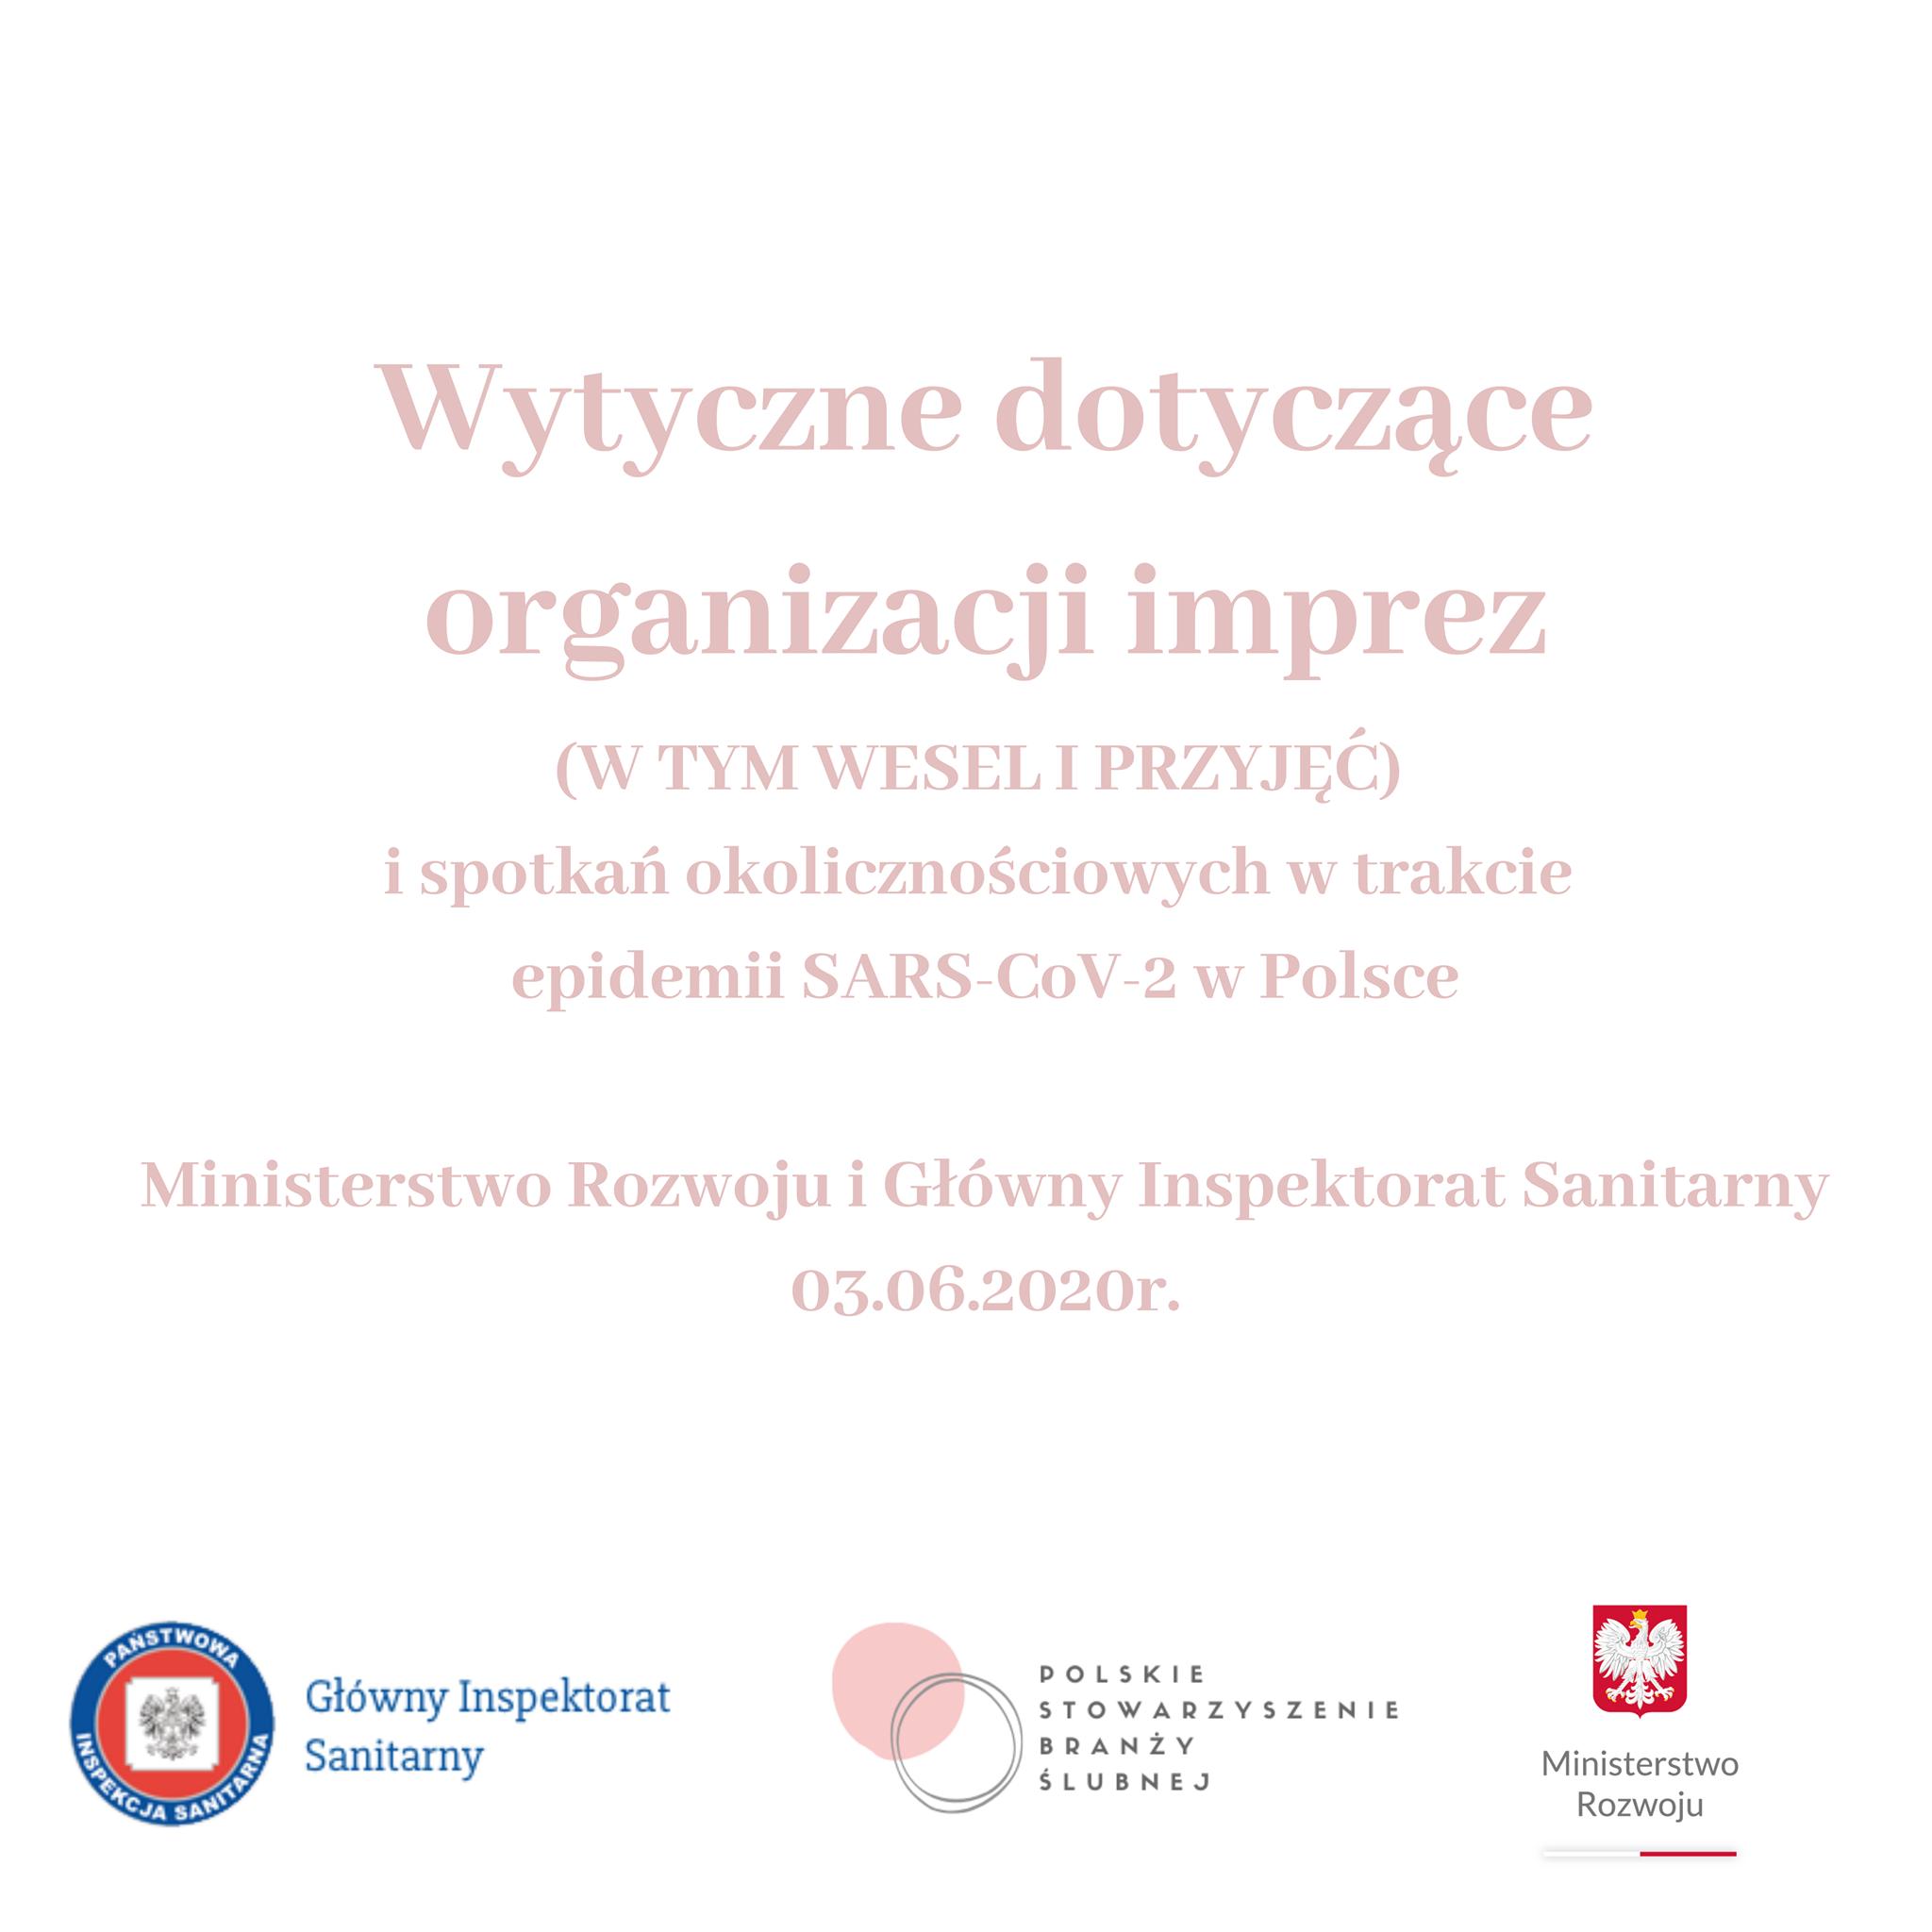 Wytyczne dotyczące organizacji wesel w trakcie epidemii SARS-CoV